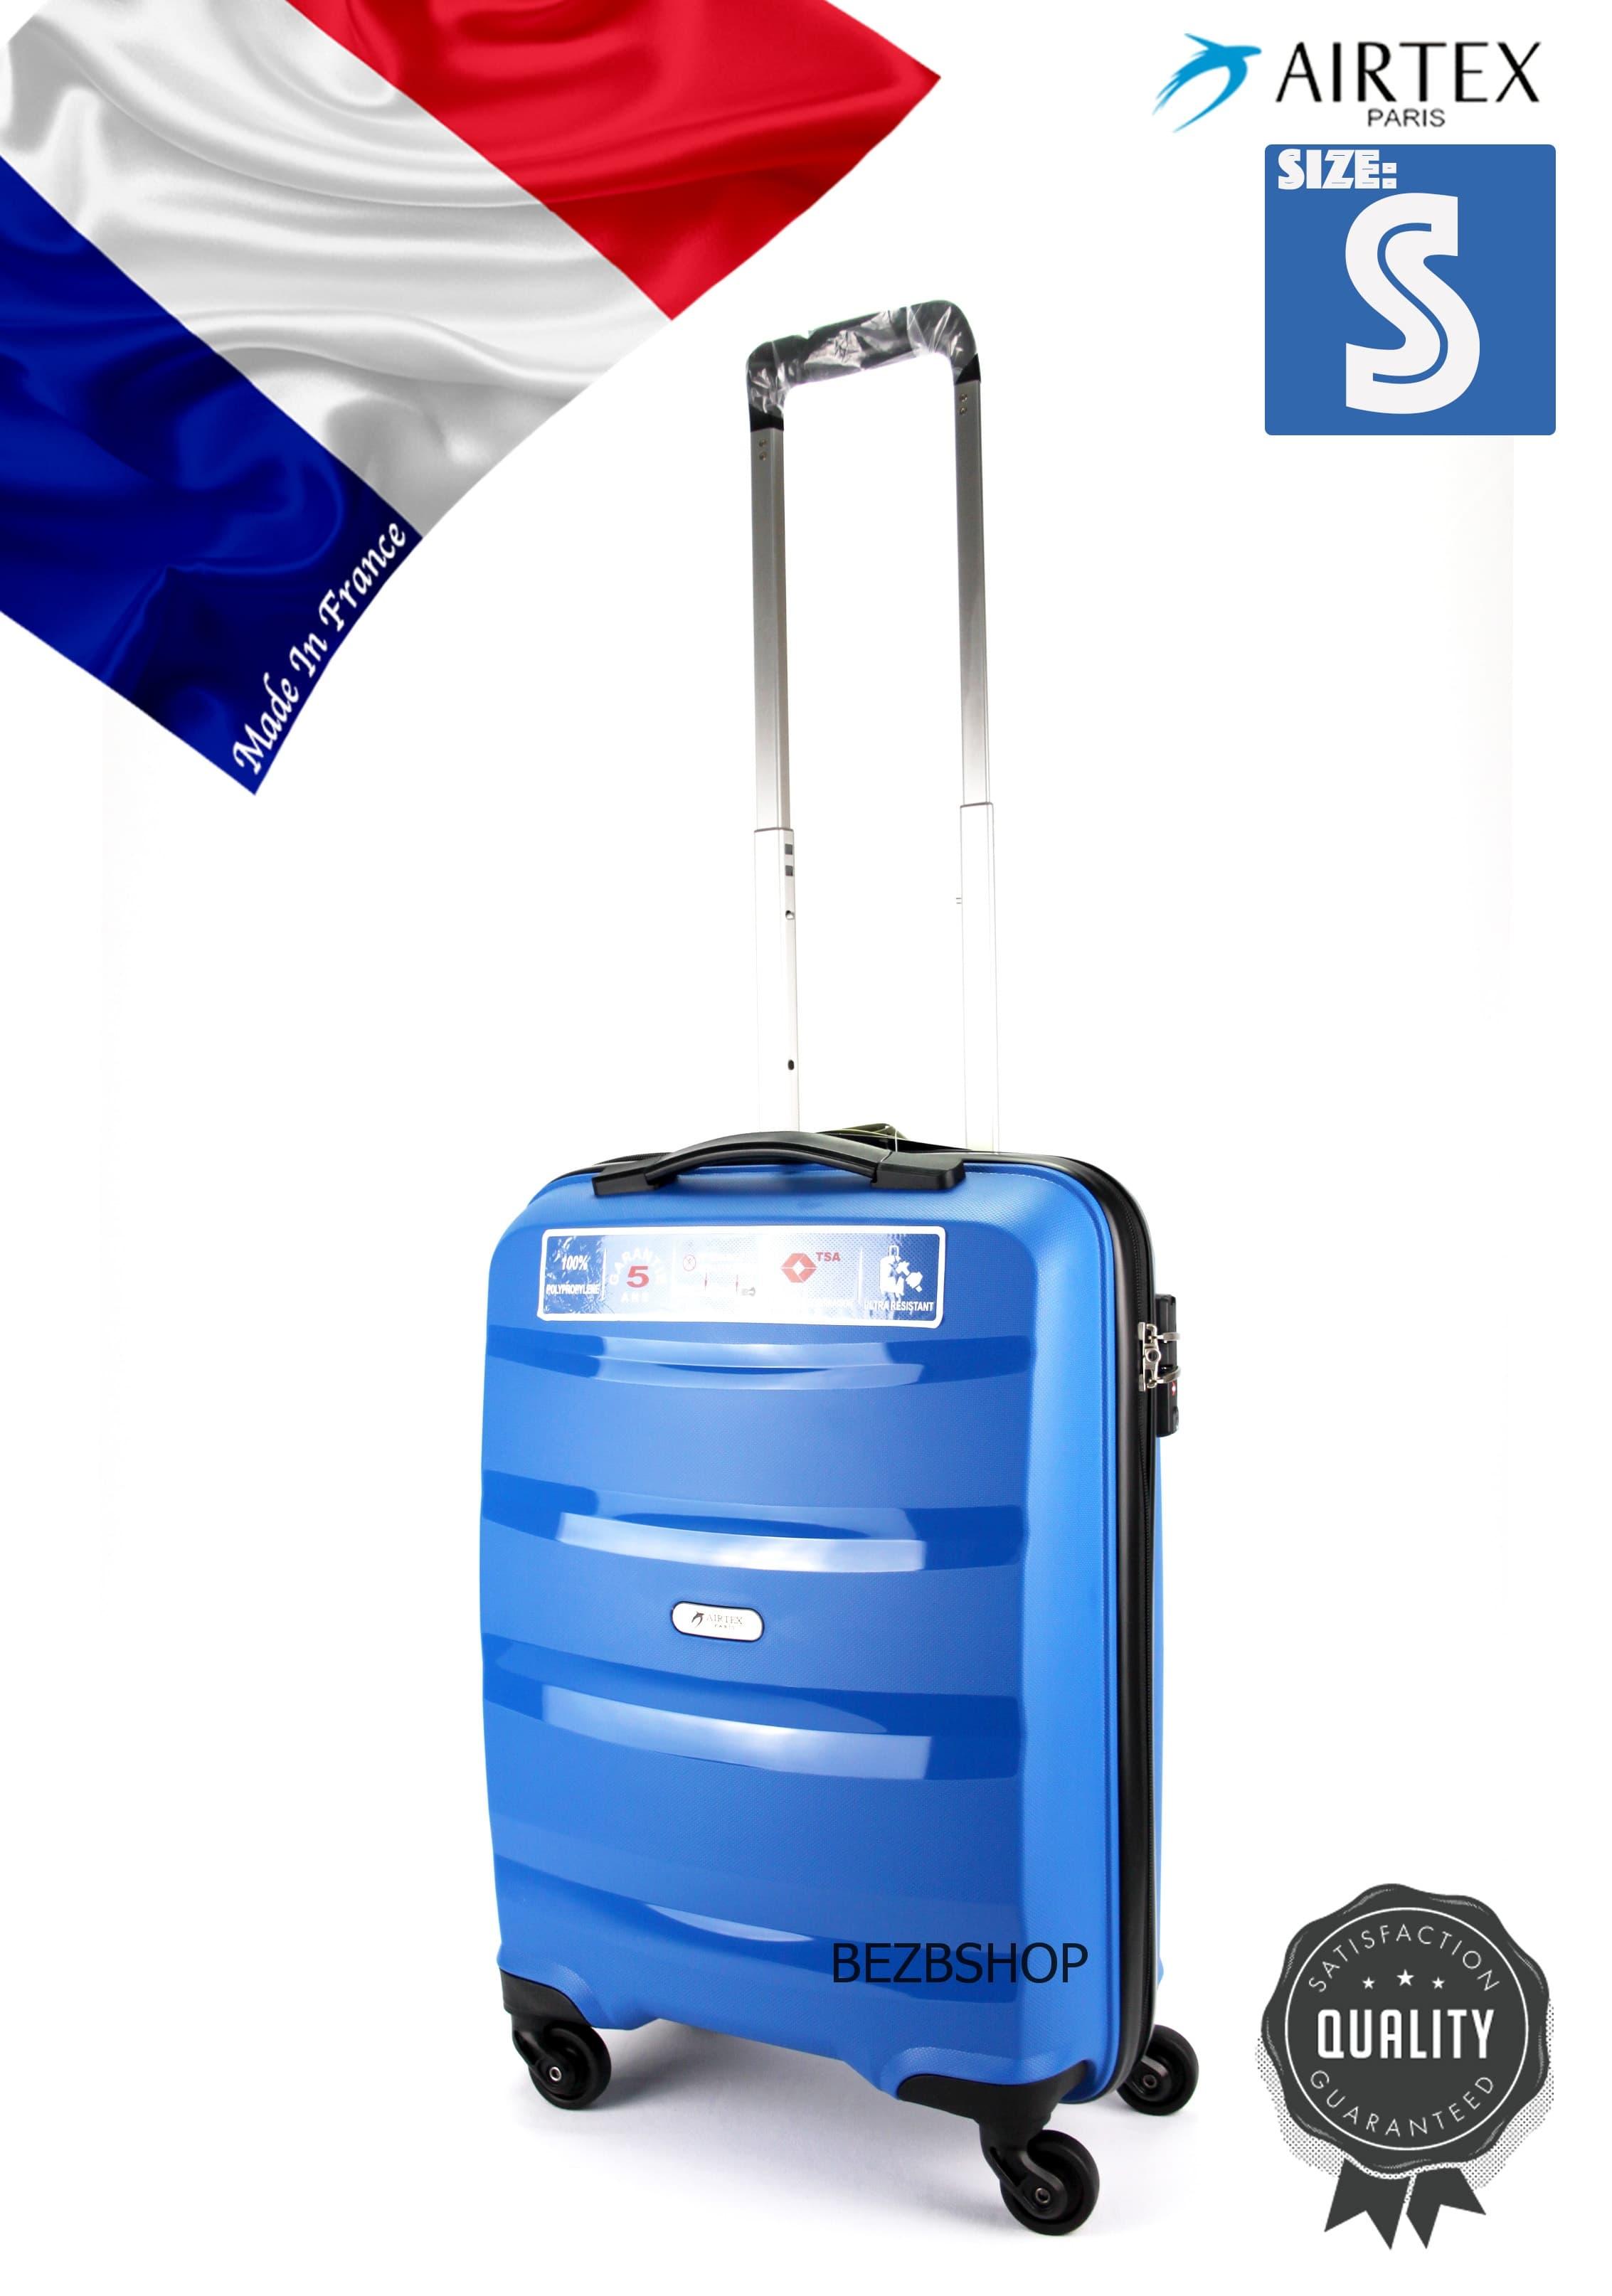 Valiza din polipropilena NEW STAR 229 S ELECTRO Pt bagajul de maina ,pina la 7/10 kg